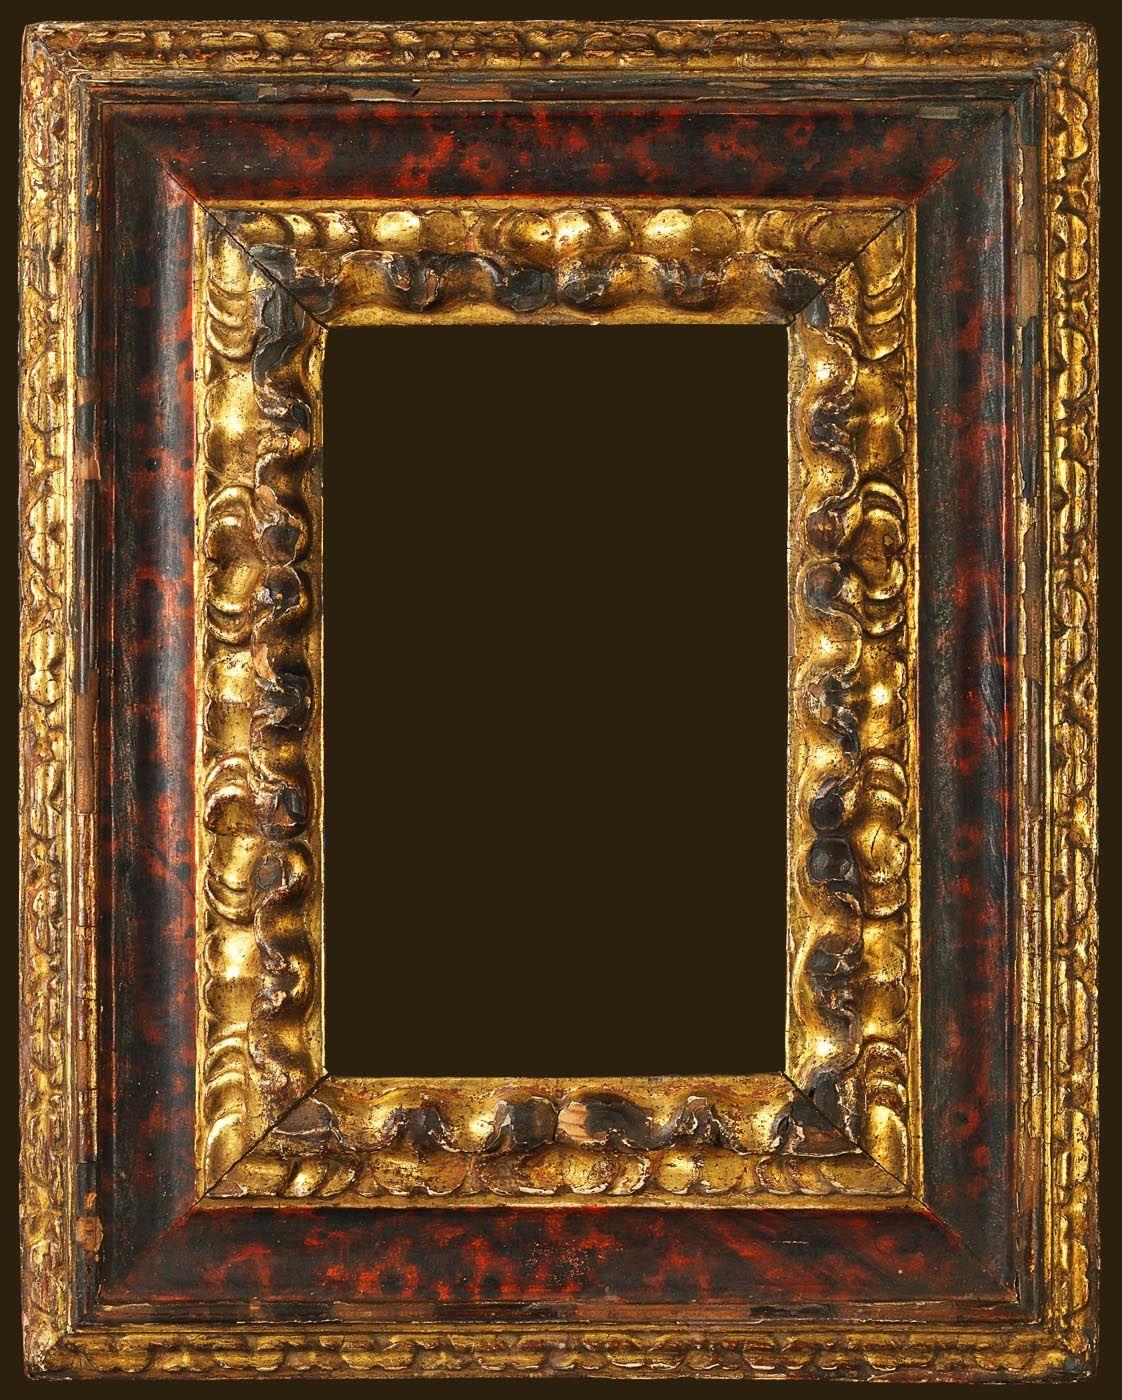 Spanish 17th Century, 10 1/2″ x 6 1/2″ x 4 5/8″ diegosalazar.com ...